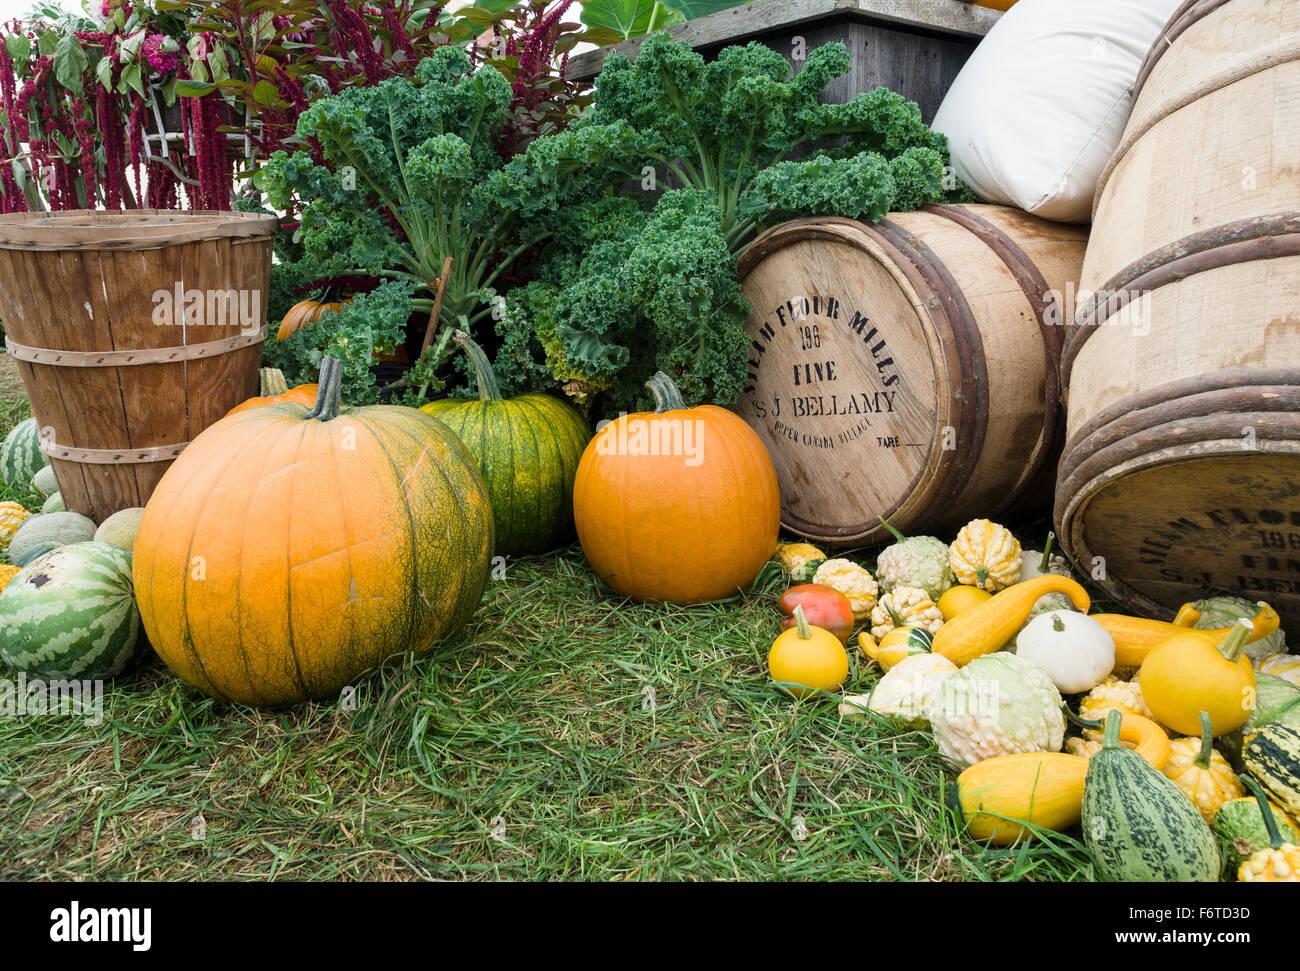 Una muestra de los productos agrícolas, en un viejo tiempo justo. Las calabazas, calabazas y melones dominan Imagen De Stock